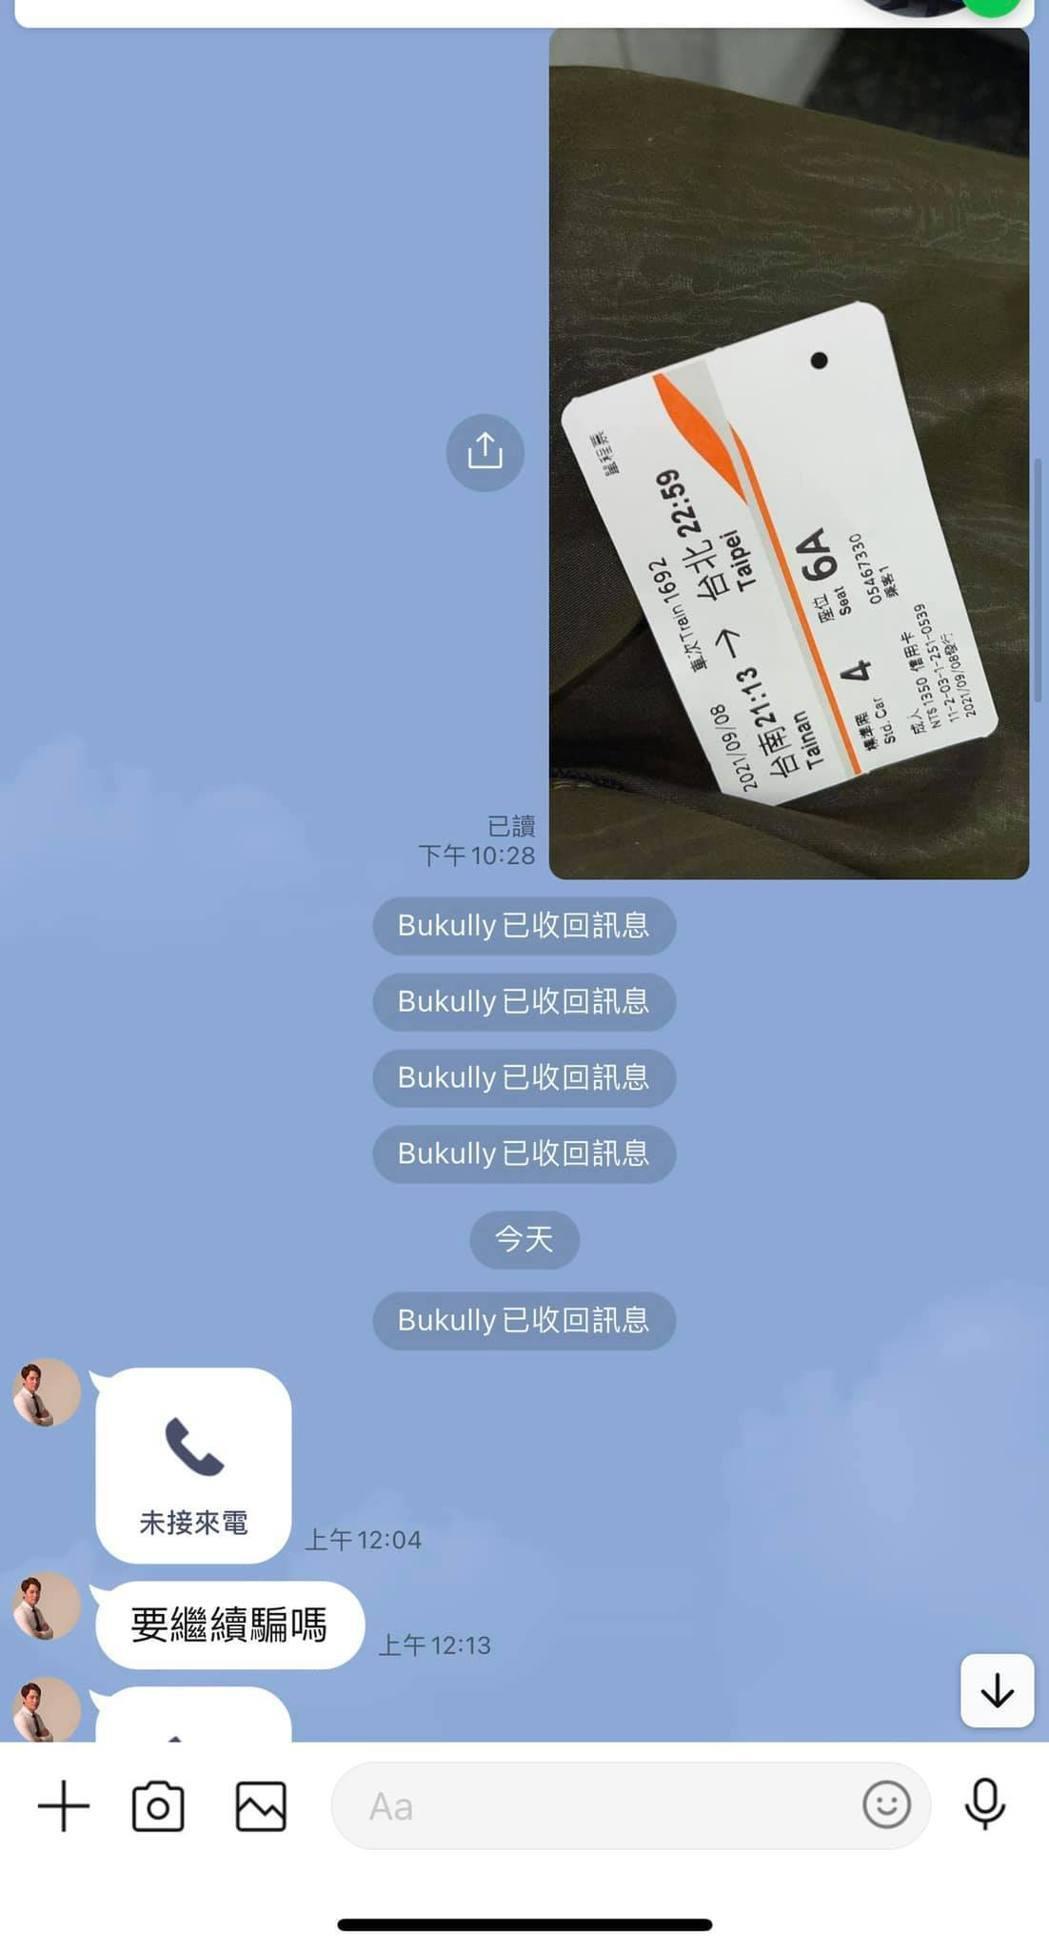 德馨出示高鐵票表示自己沒有陪酒是和男友吵架。圖/摘自臉書